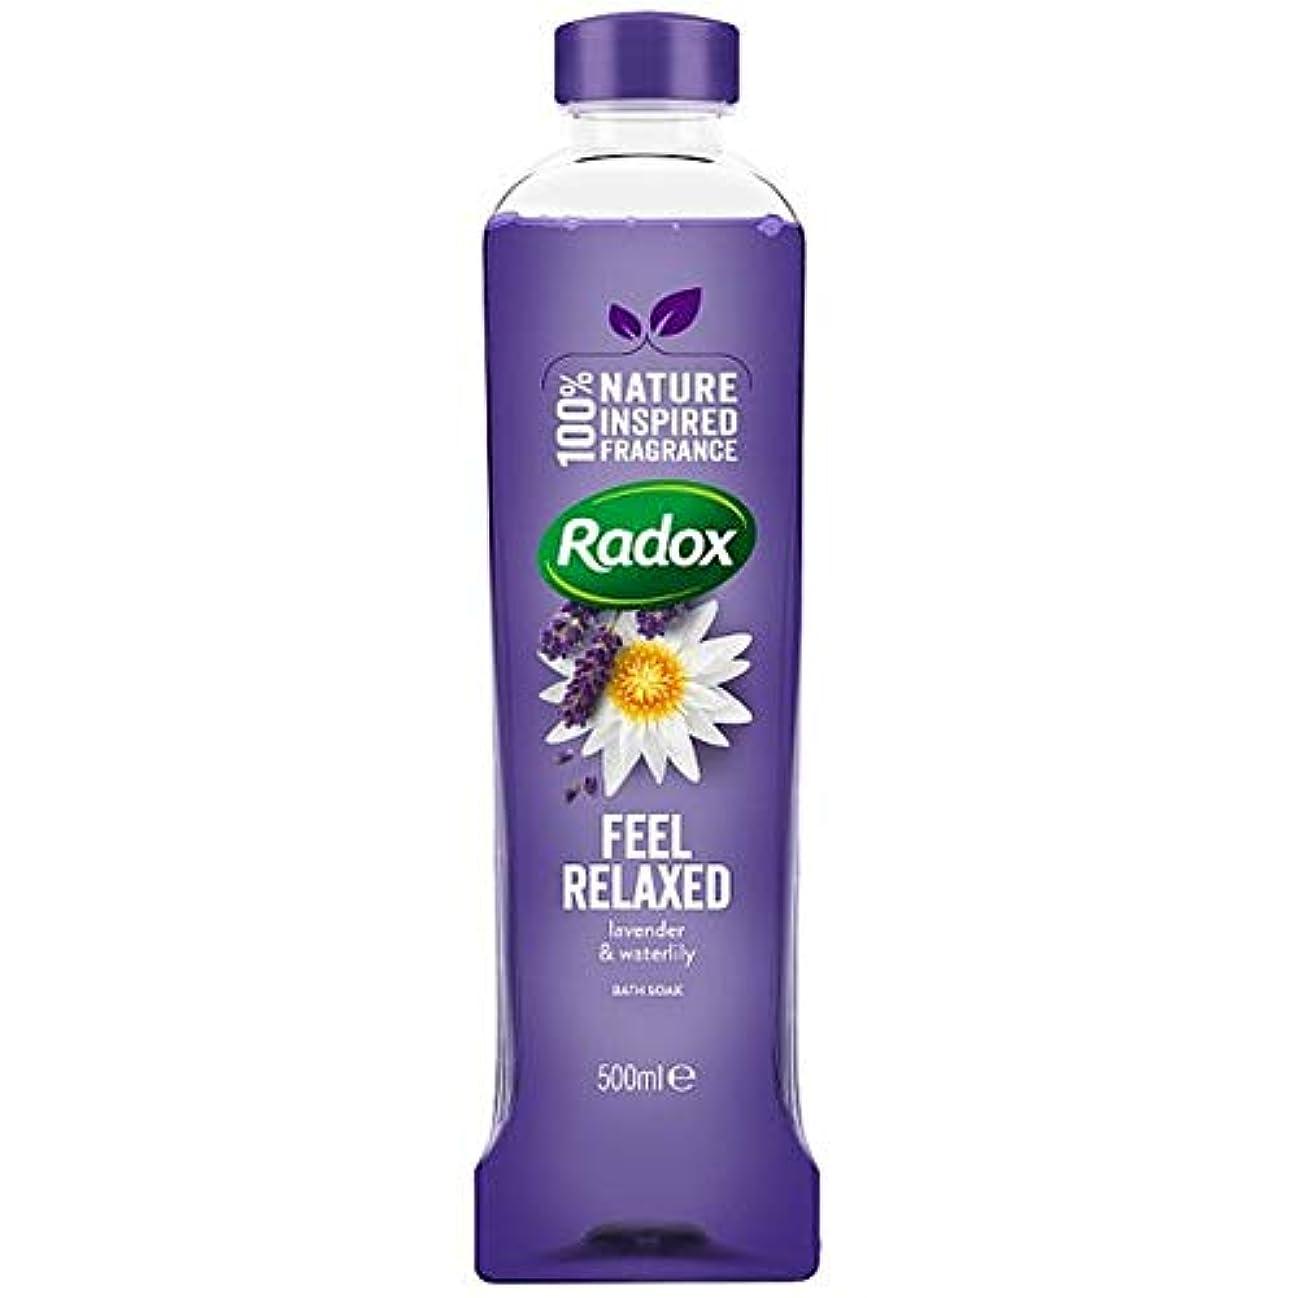 シャックルポンド胃[Radox] Radoxは、500ミリリットルのソークリラックスしたお風呂を感じます - Radox Feel Relaxed Bath Soak 500Ml [並行輸入品]